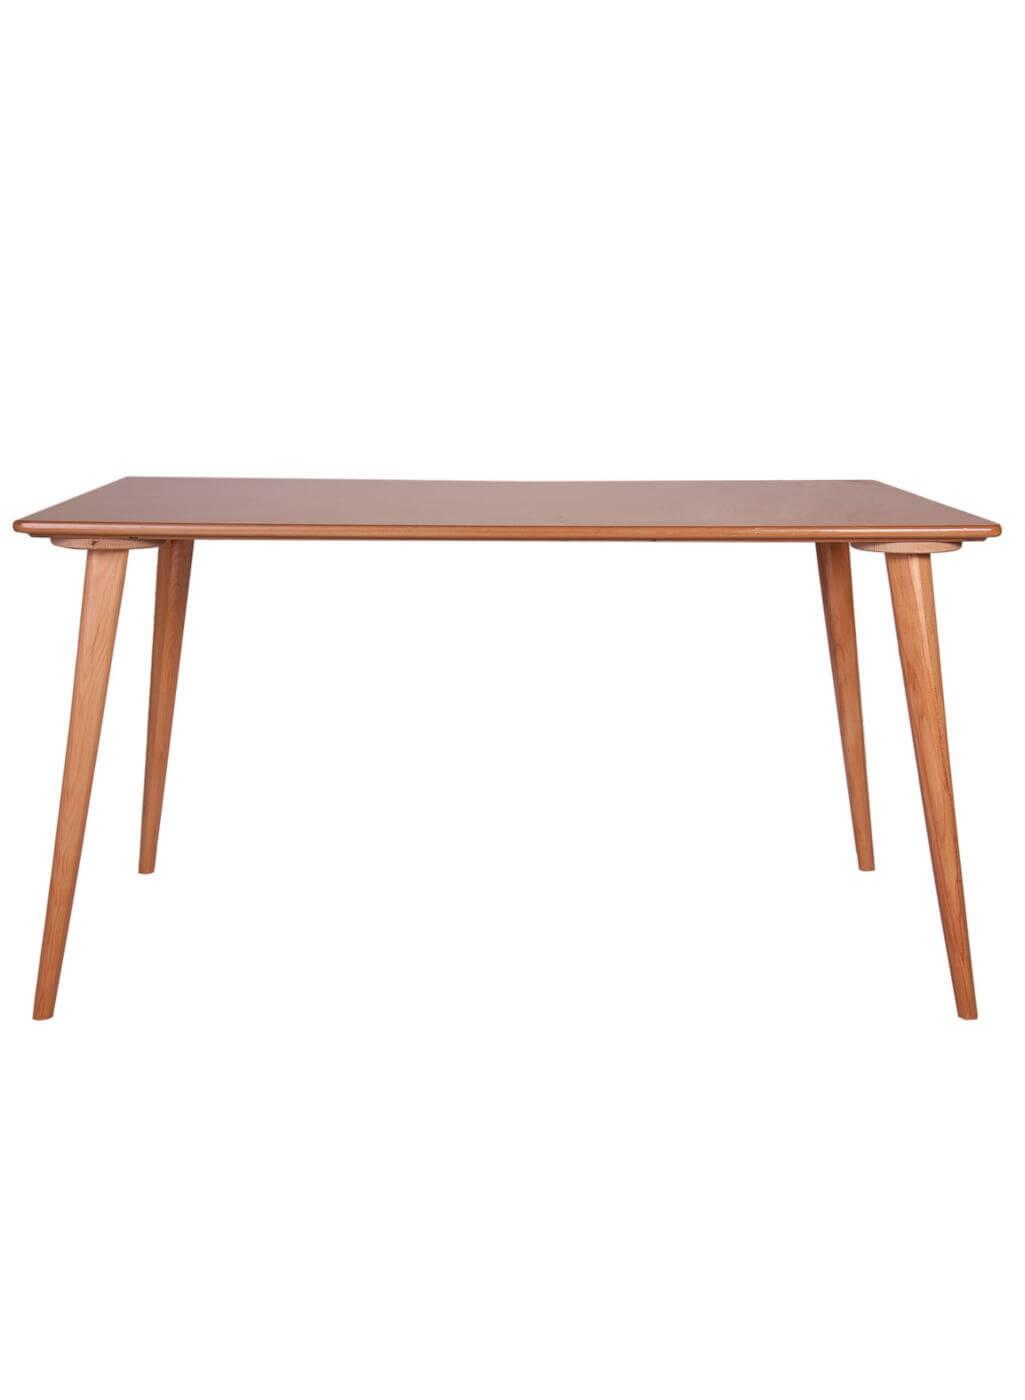 میز ناهار خوری مستطیل پایه چوبی مدل TW2